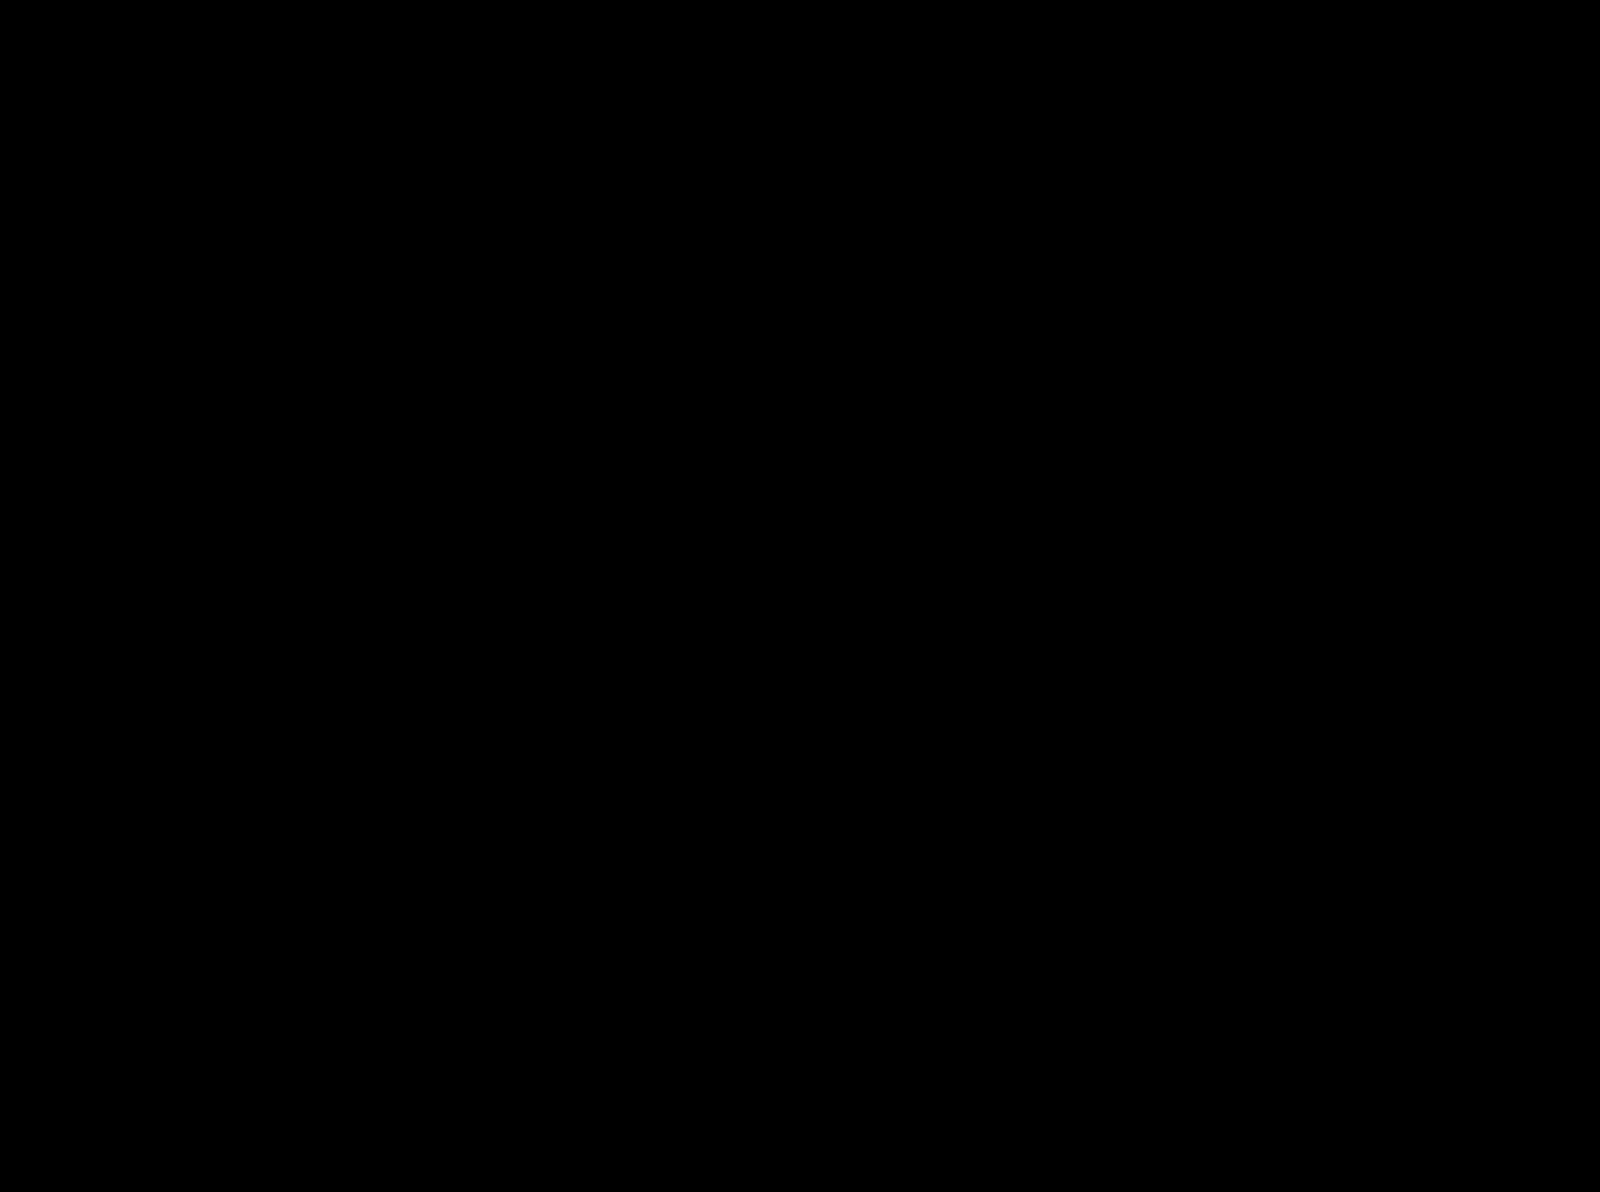 DescriptionUNESCO